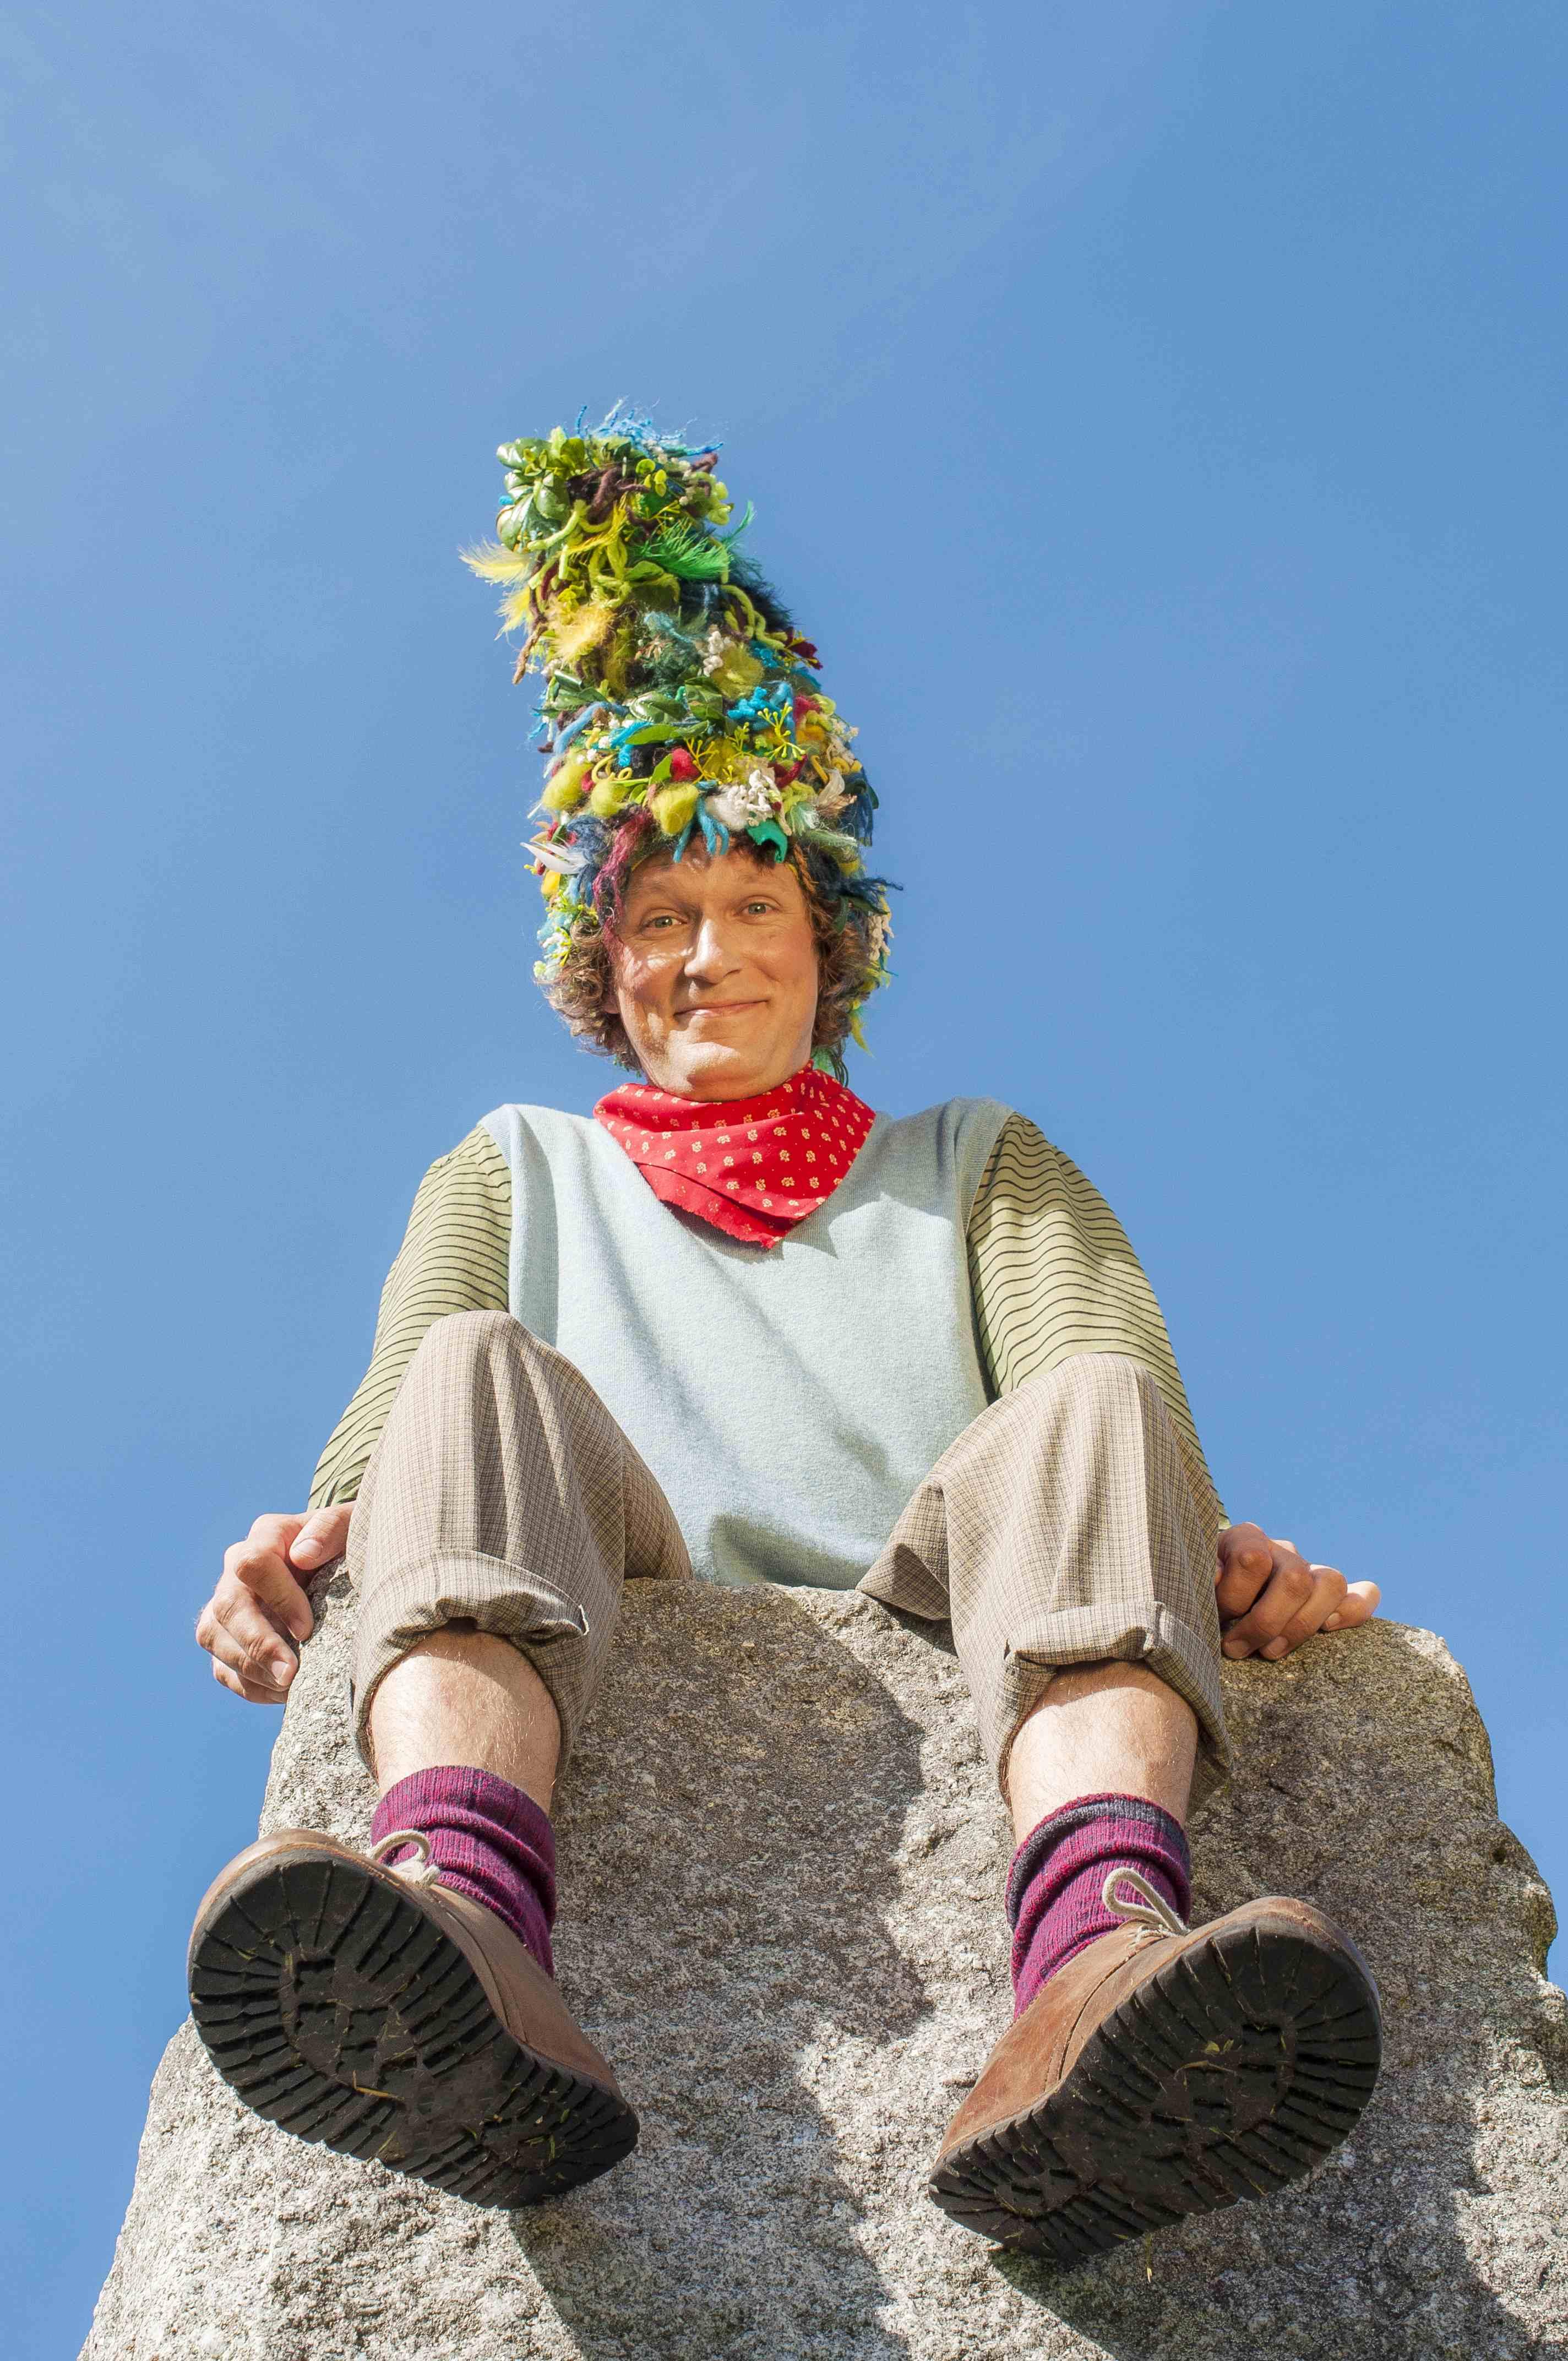 Slika: Hörbe mit dem großen Hut © Lea Friessner